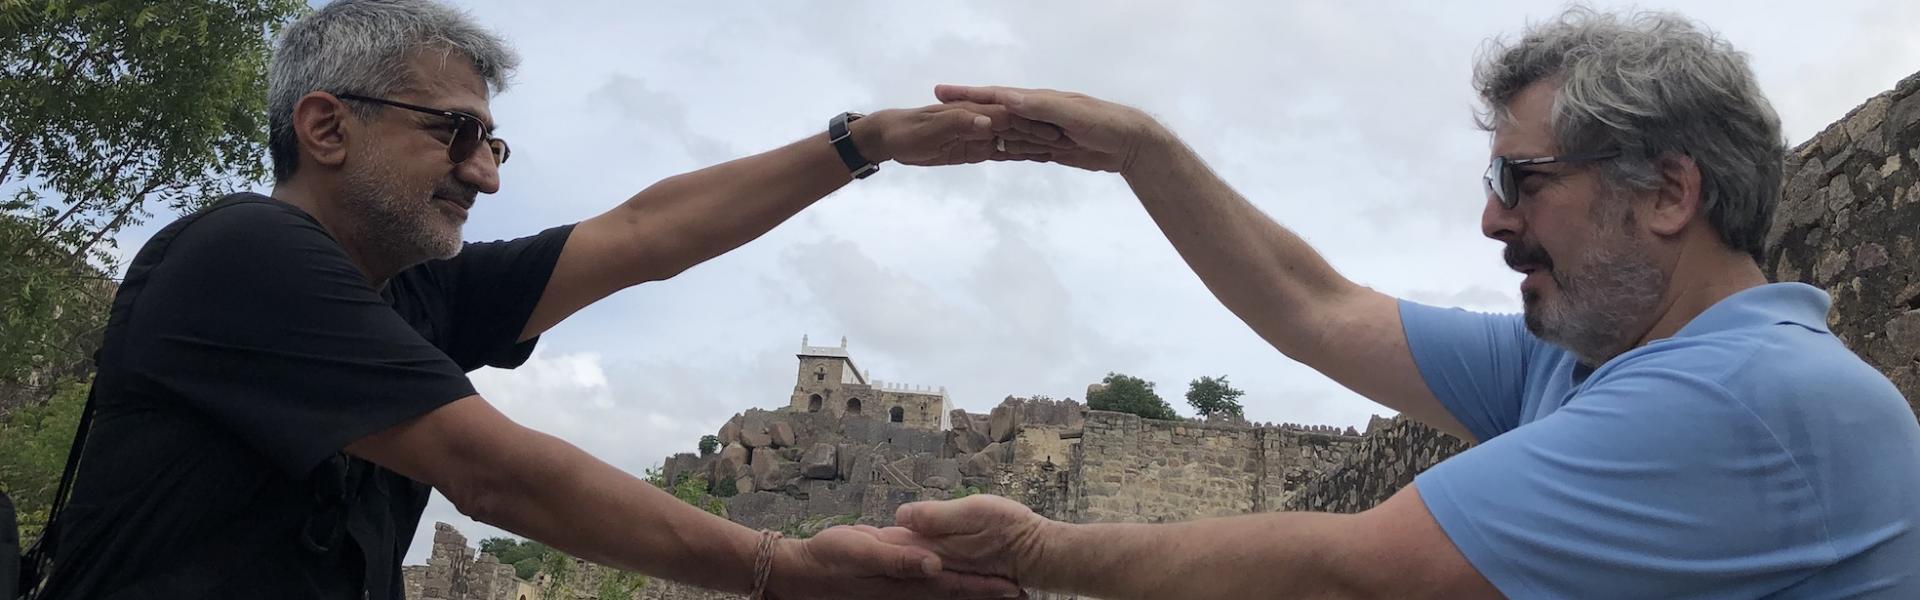 Doctors Vikk Dua and Dan Goldowitz in India